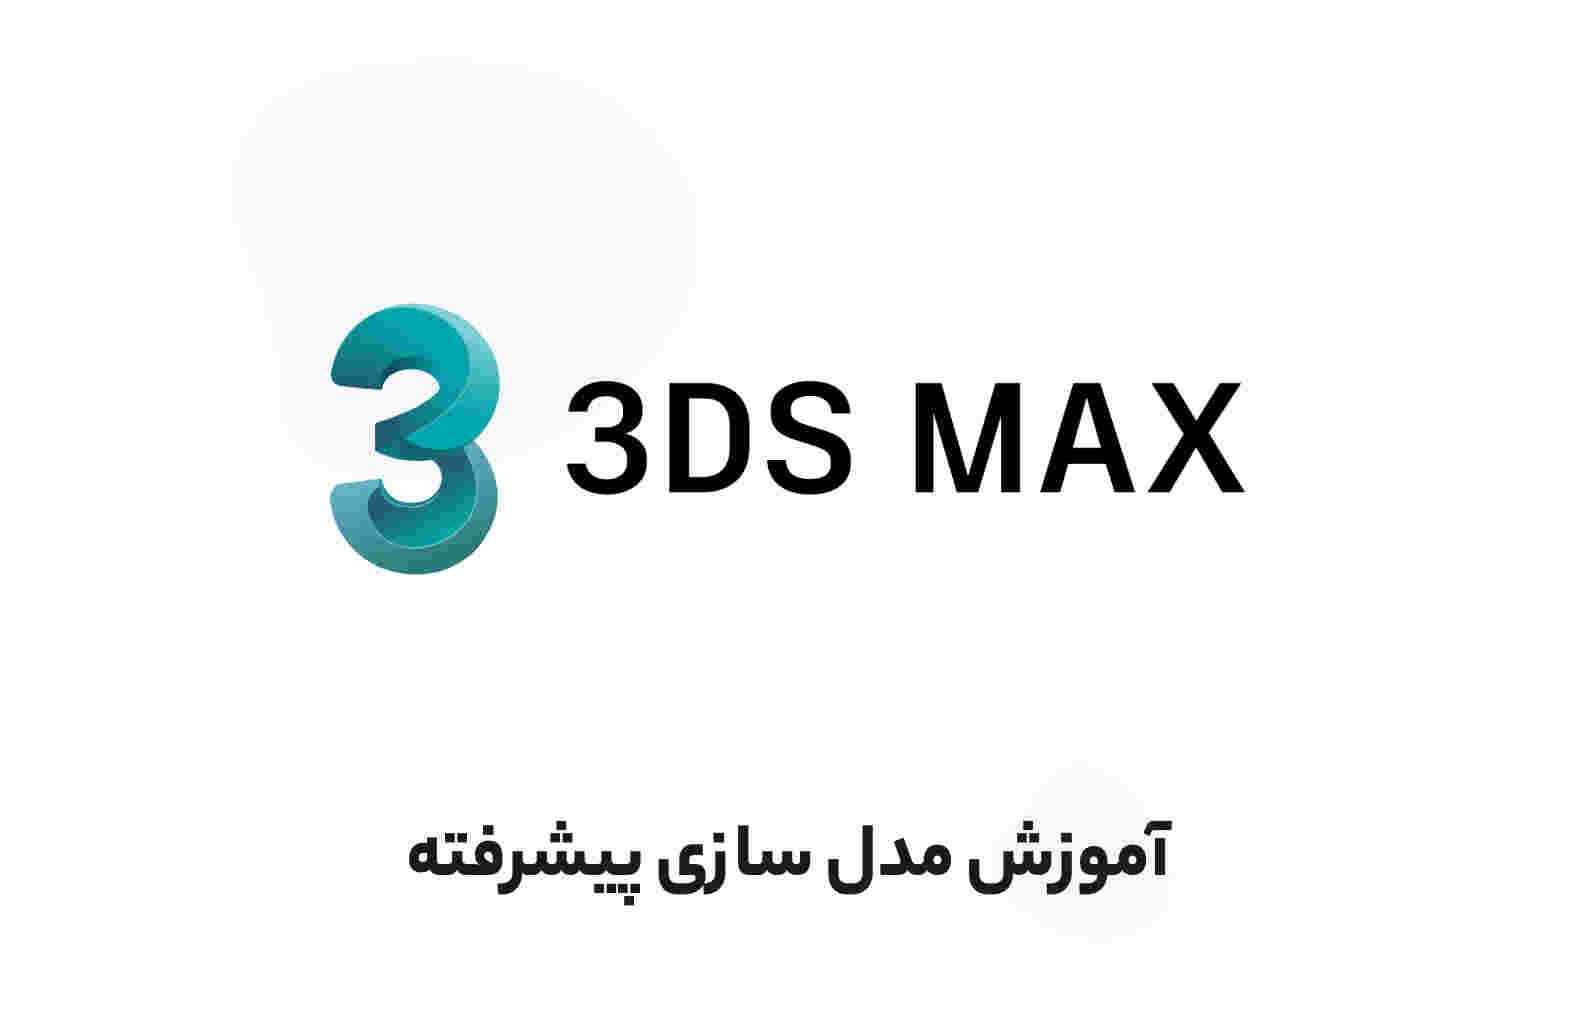 آموزش مدل سازی در 3ds max 2021 از مقدماتی تا پیشرفته